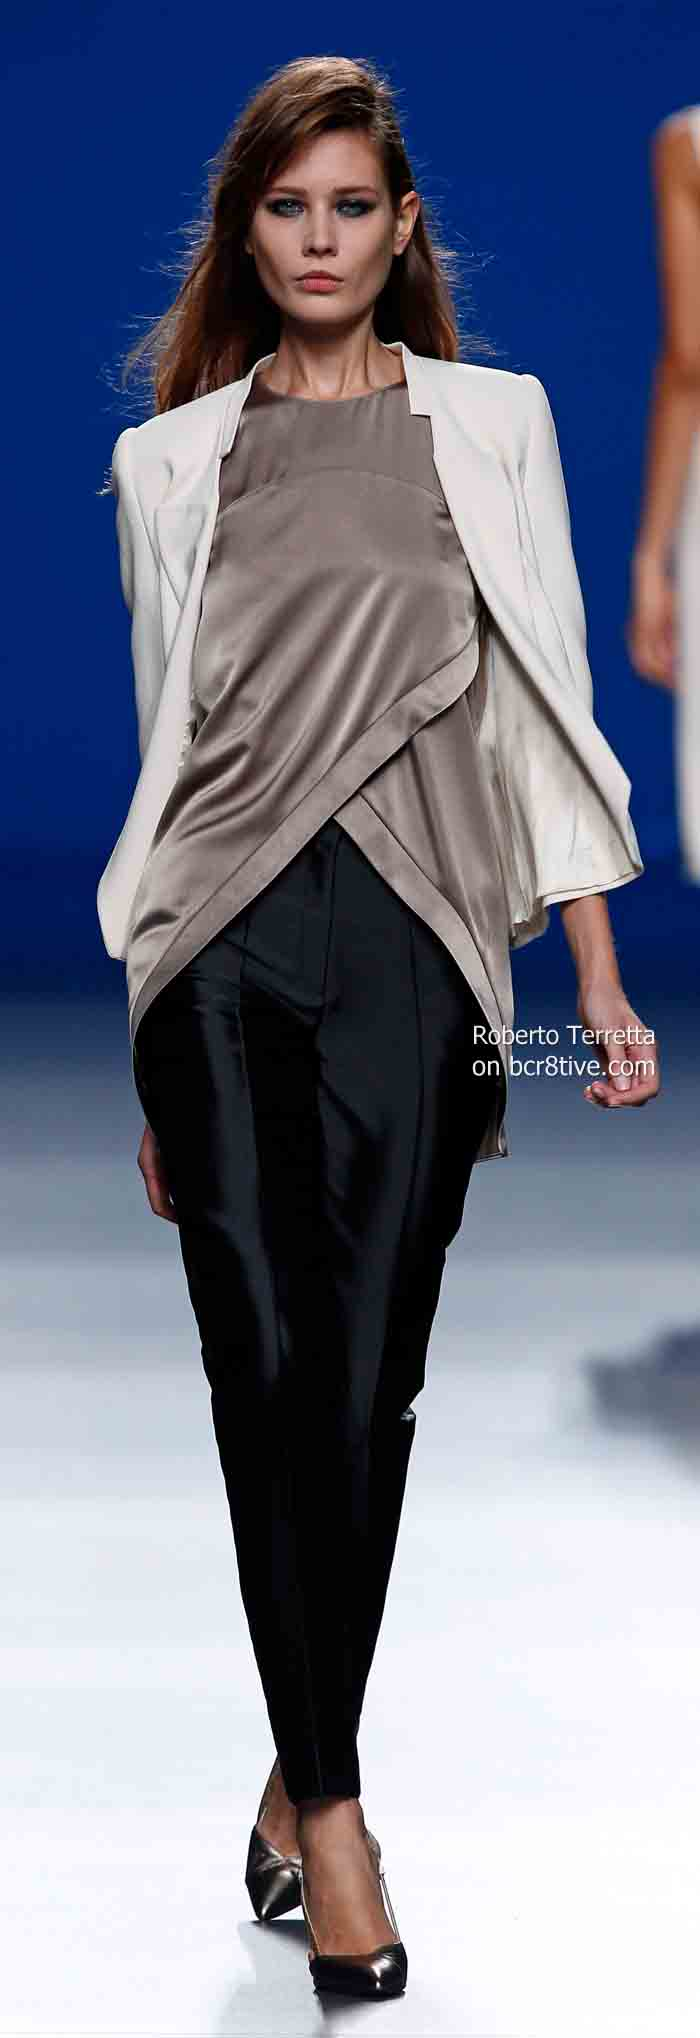 Roberto Terretta Spring 2014 #MBFW Madrid